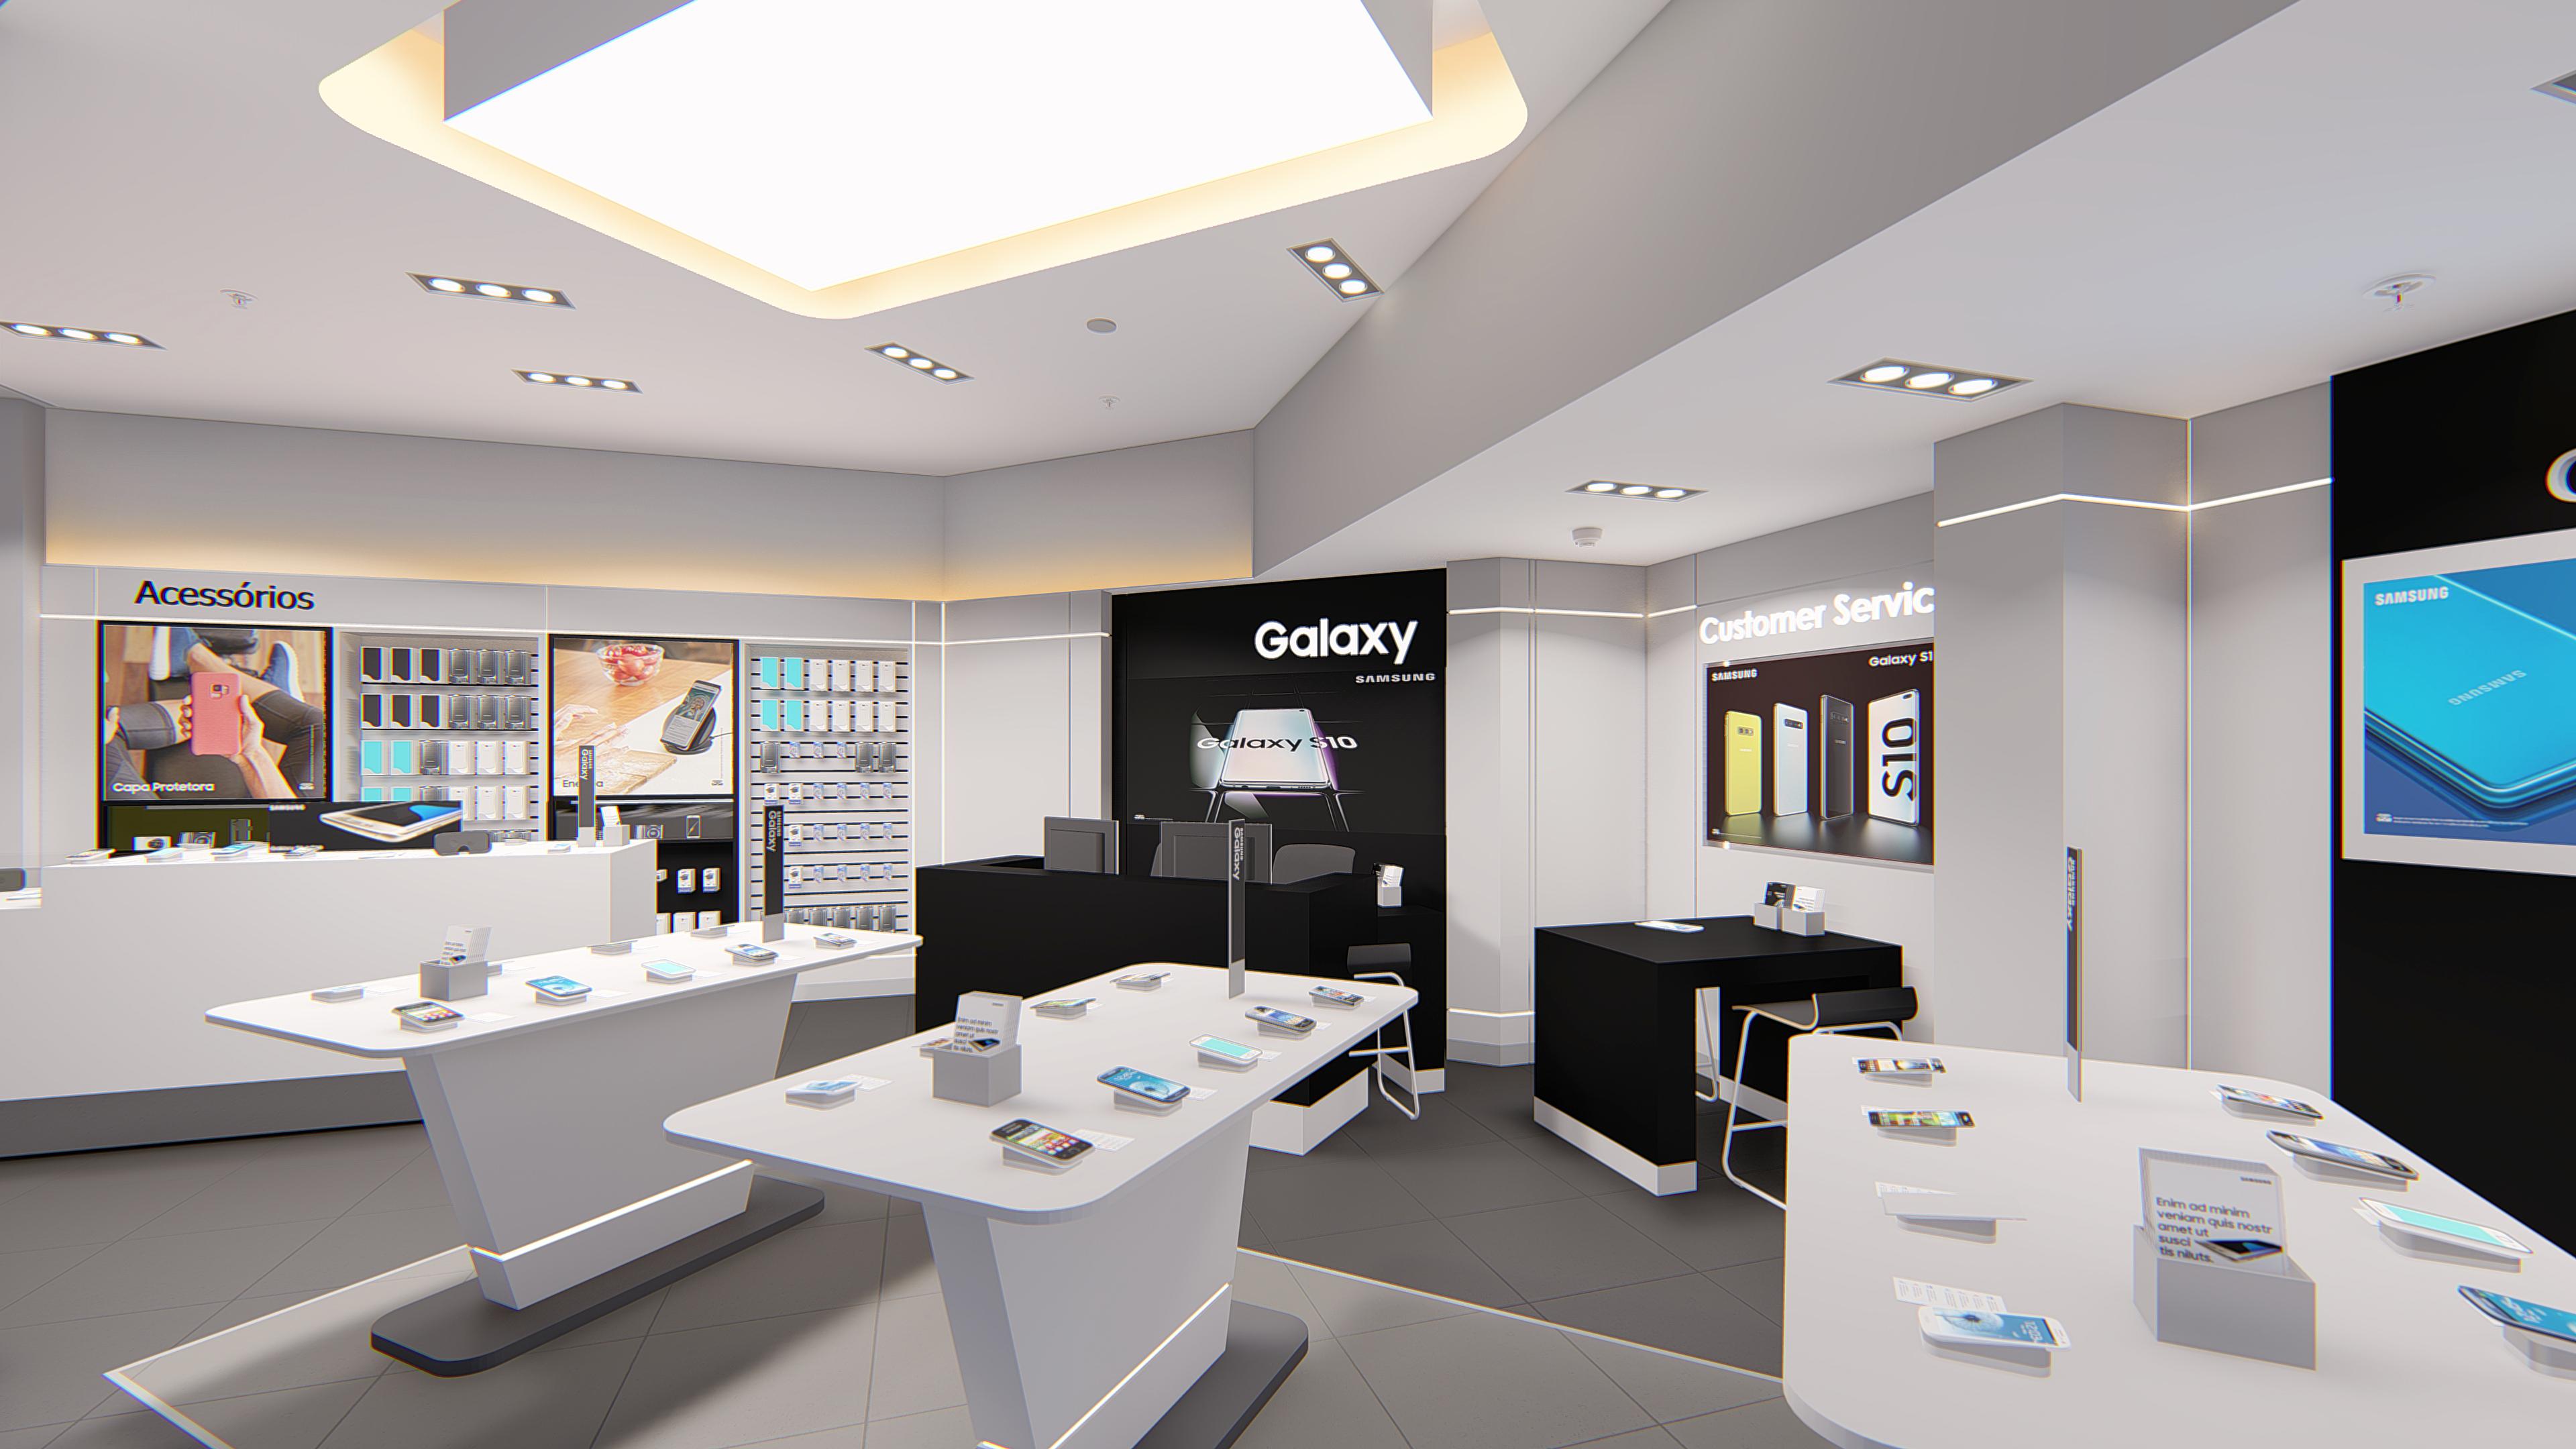 Samsung Pelotas